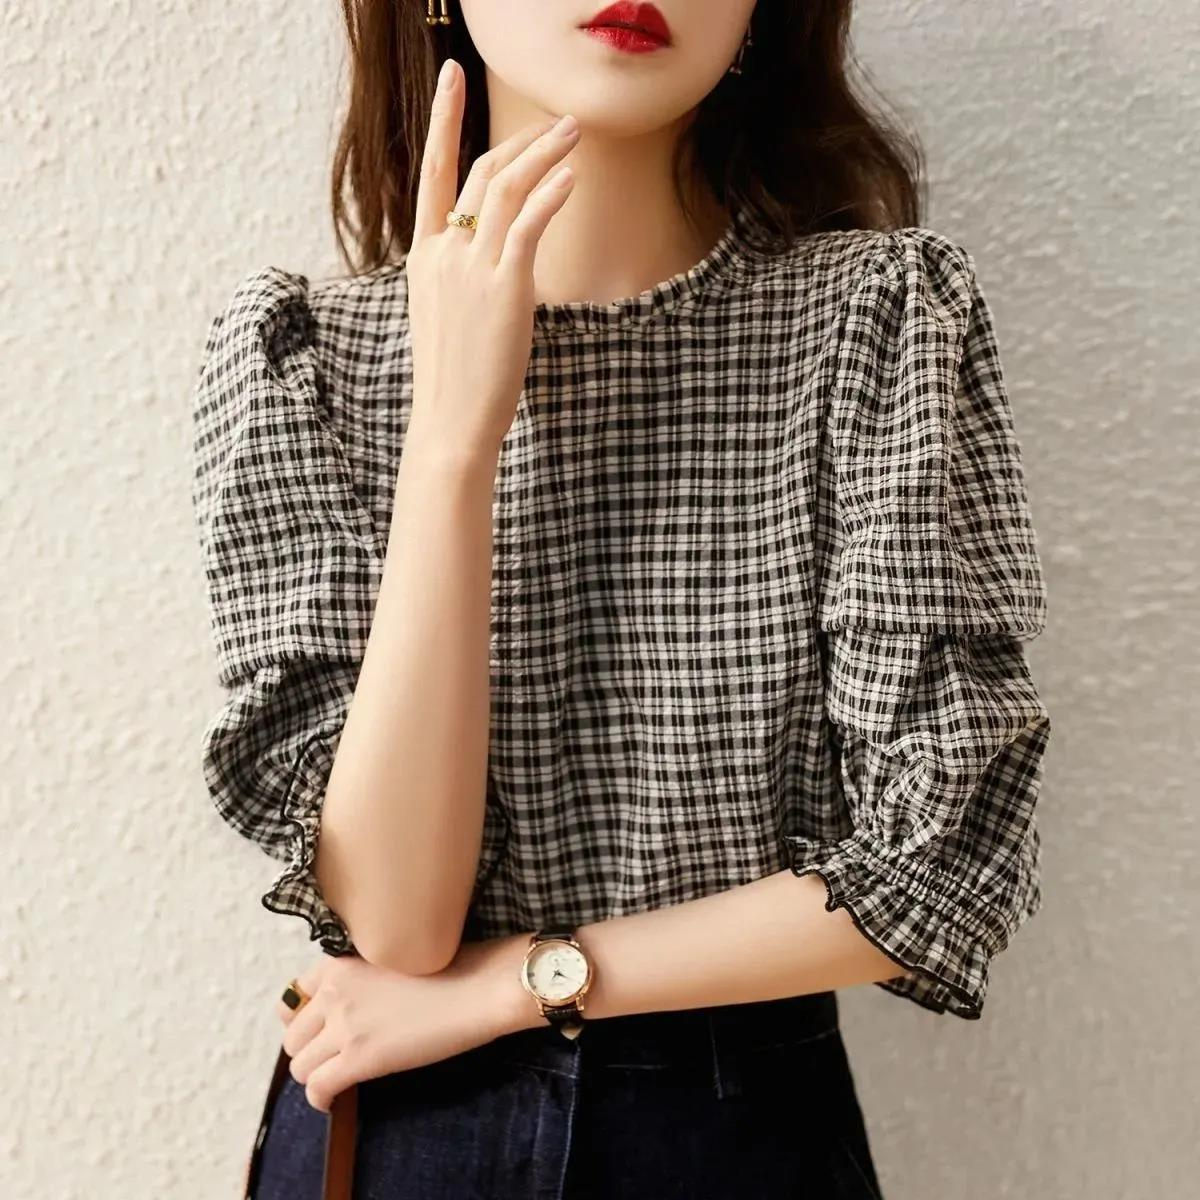 2021春夏新款韩版时尚百搭显瘦黑白格纹打底衫洋气五分袖衬衫女潮